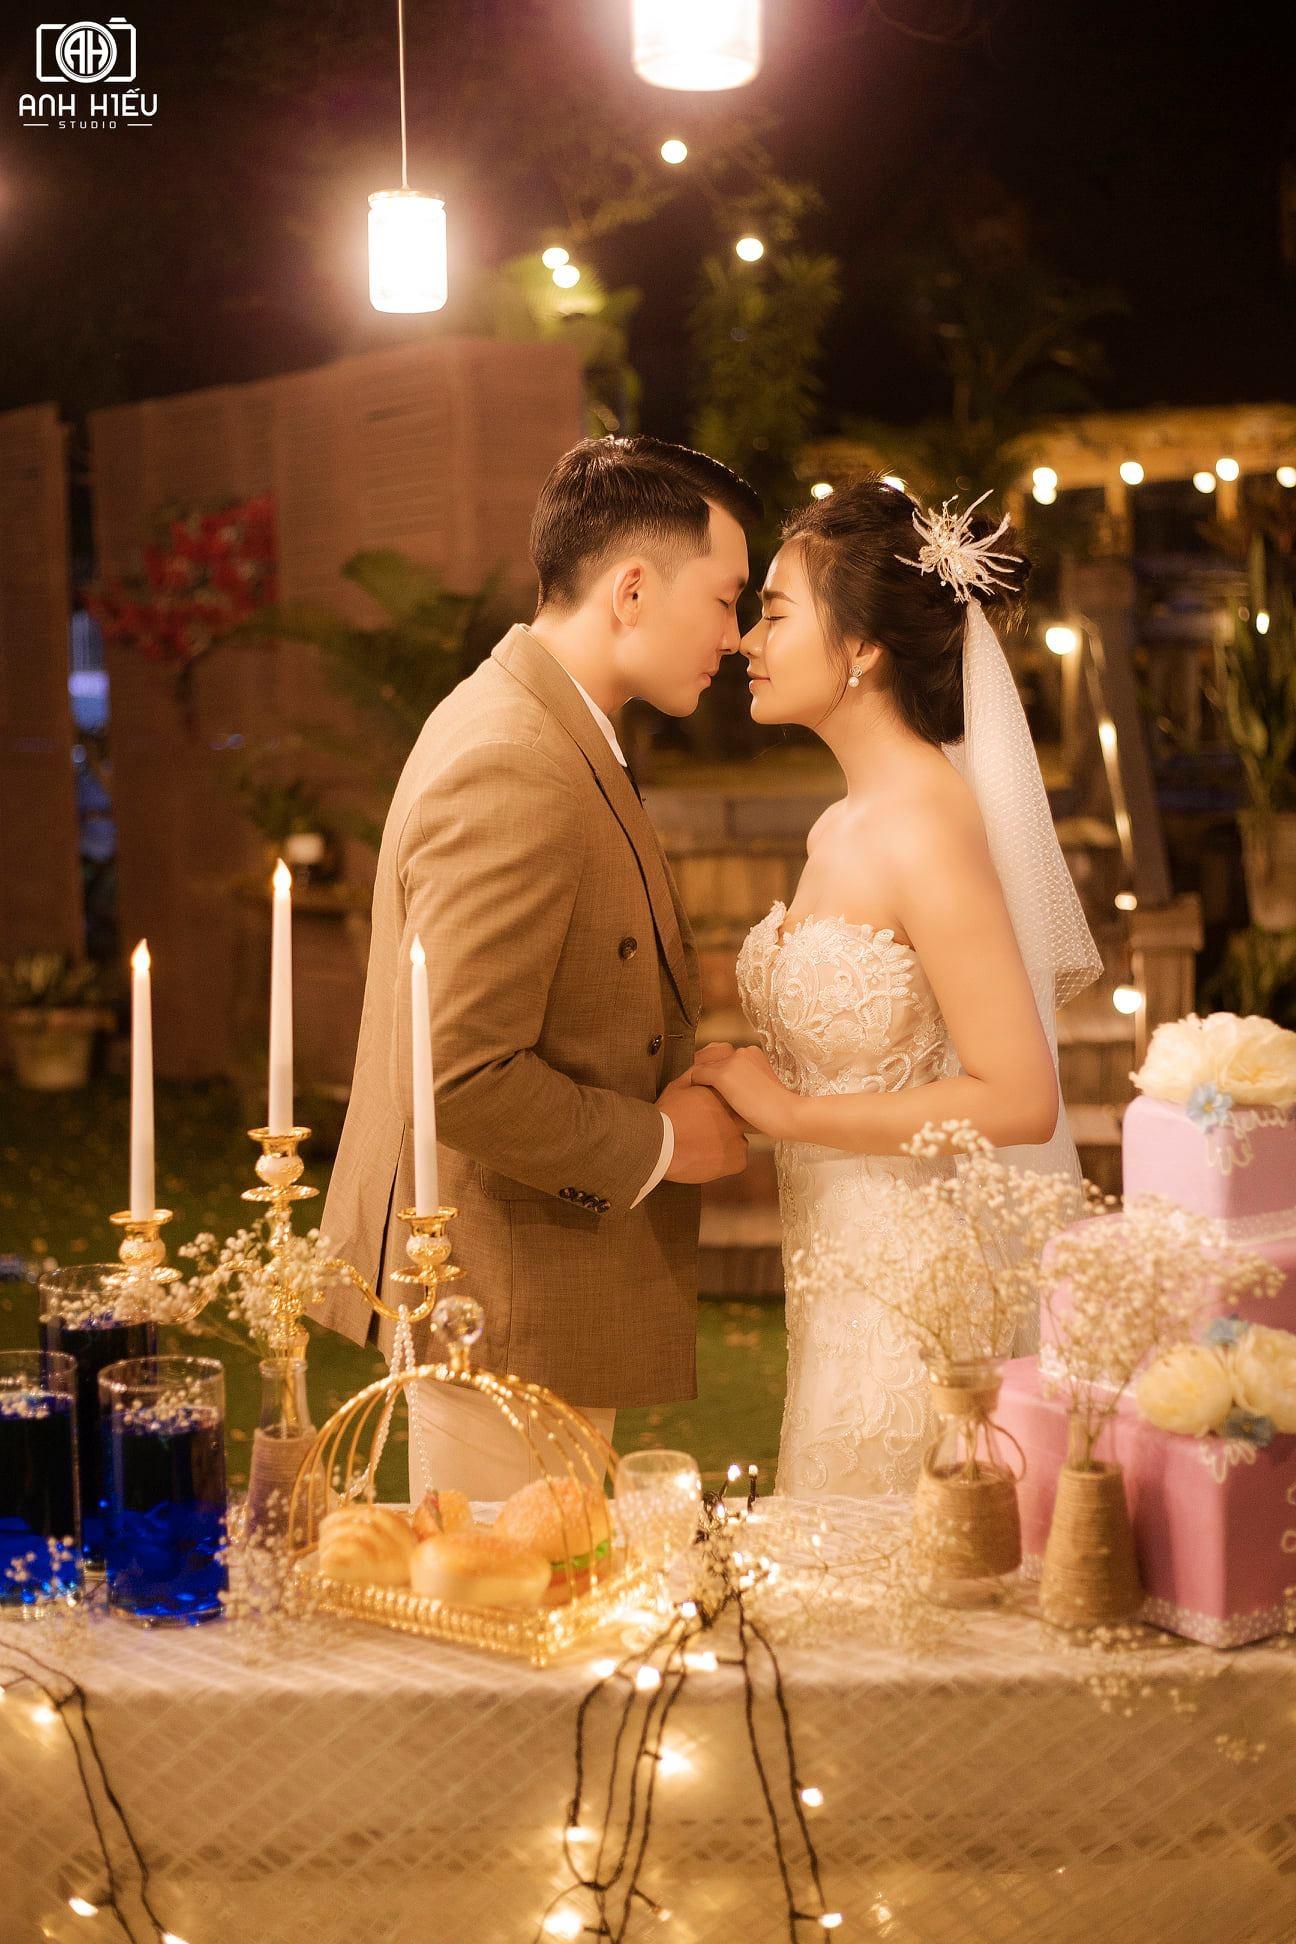 Hinh Cuoi Phim Truong Alibaba (5)